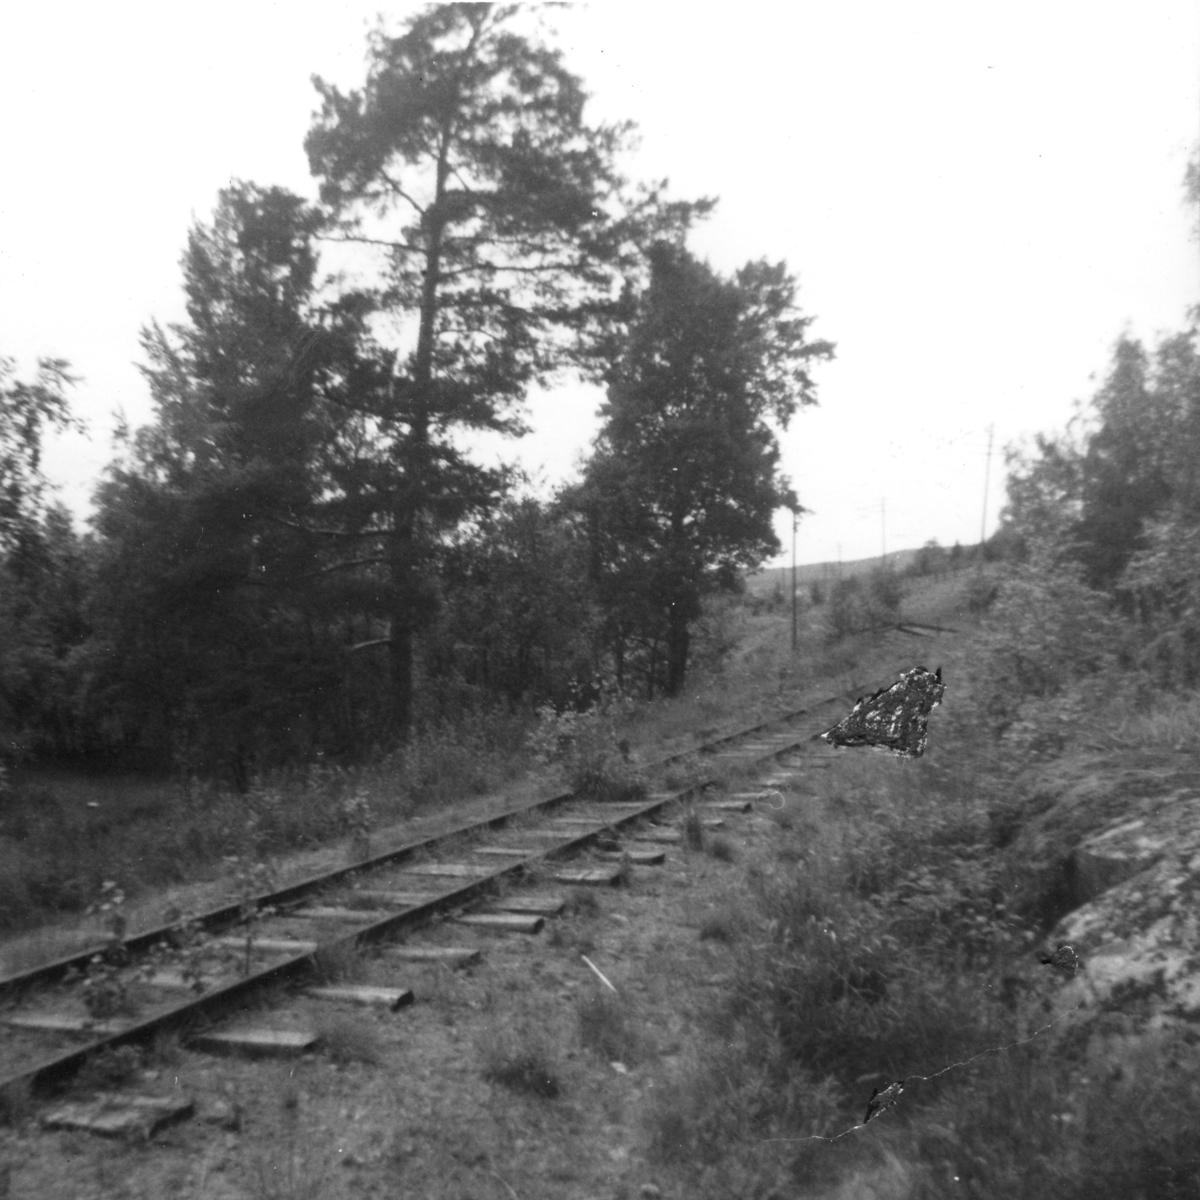 Nær Hornåseng stasjon, retning syd.